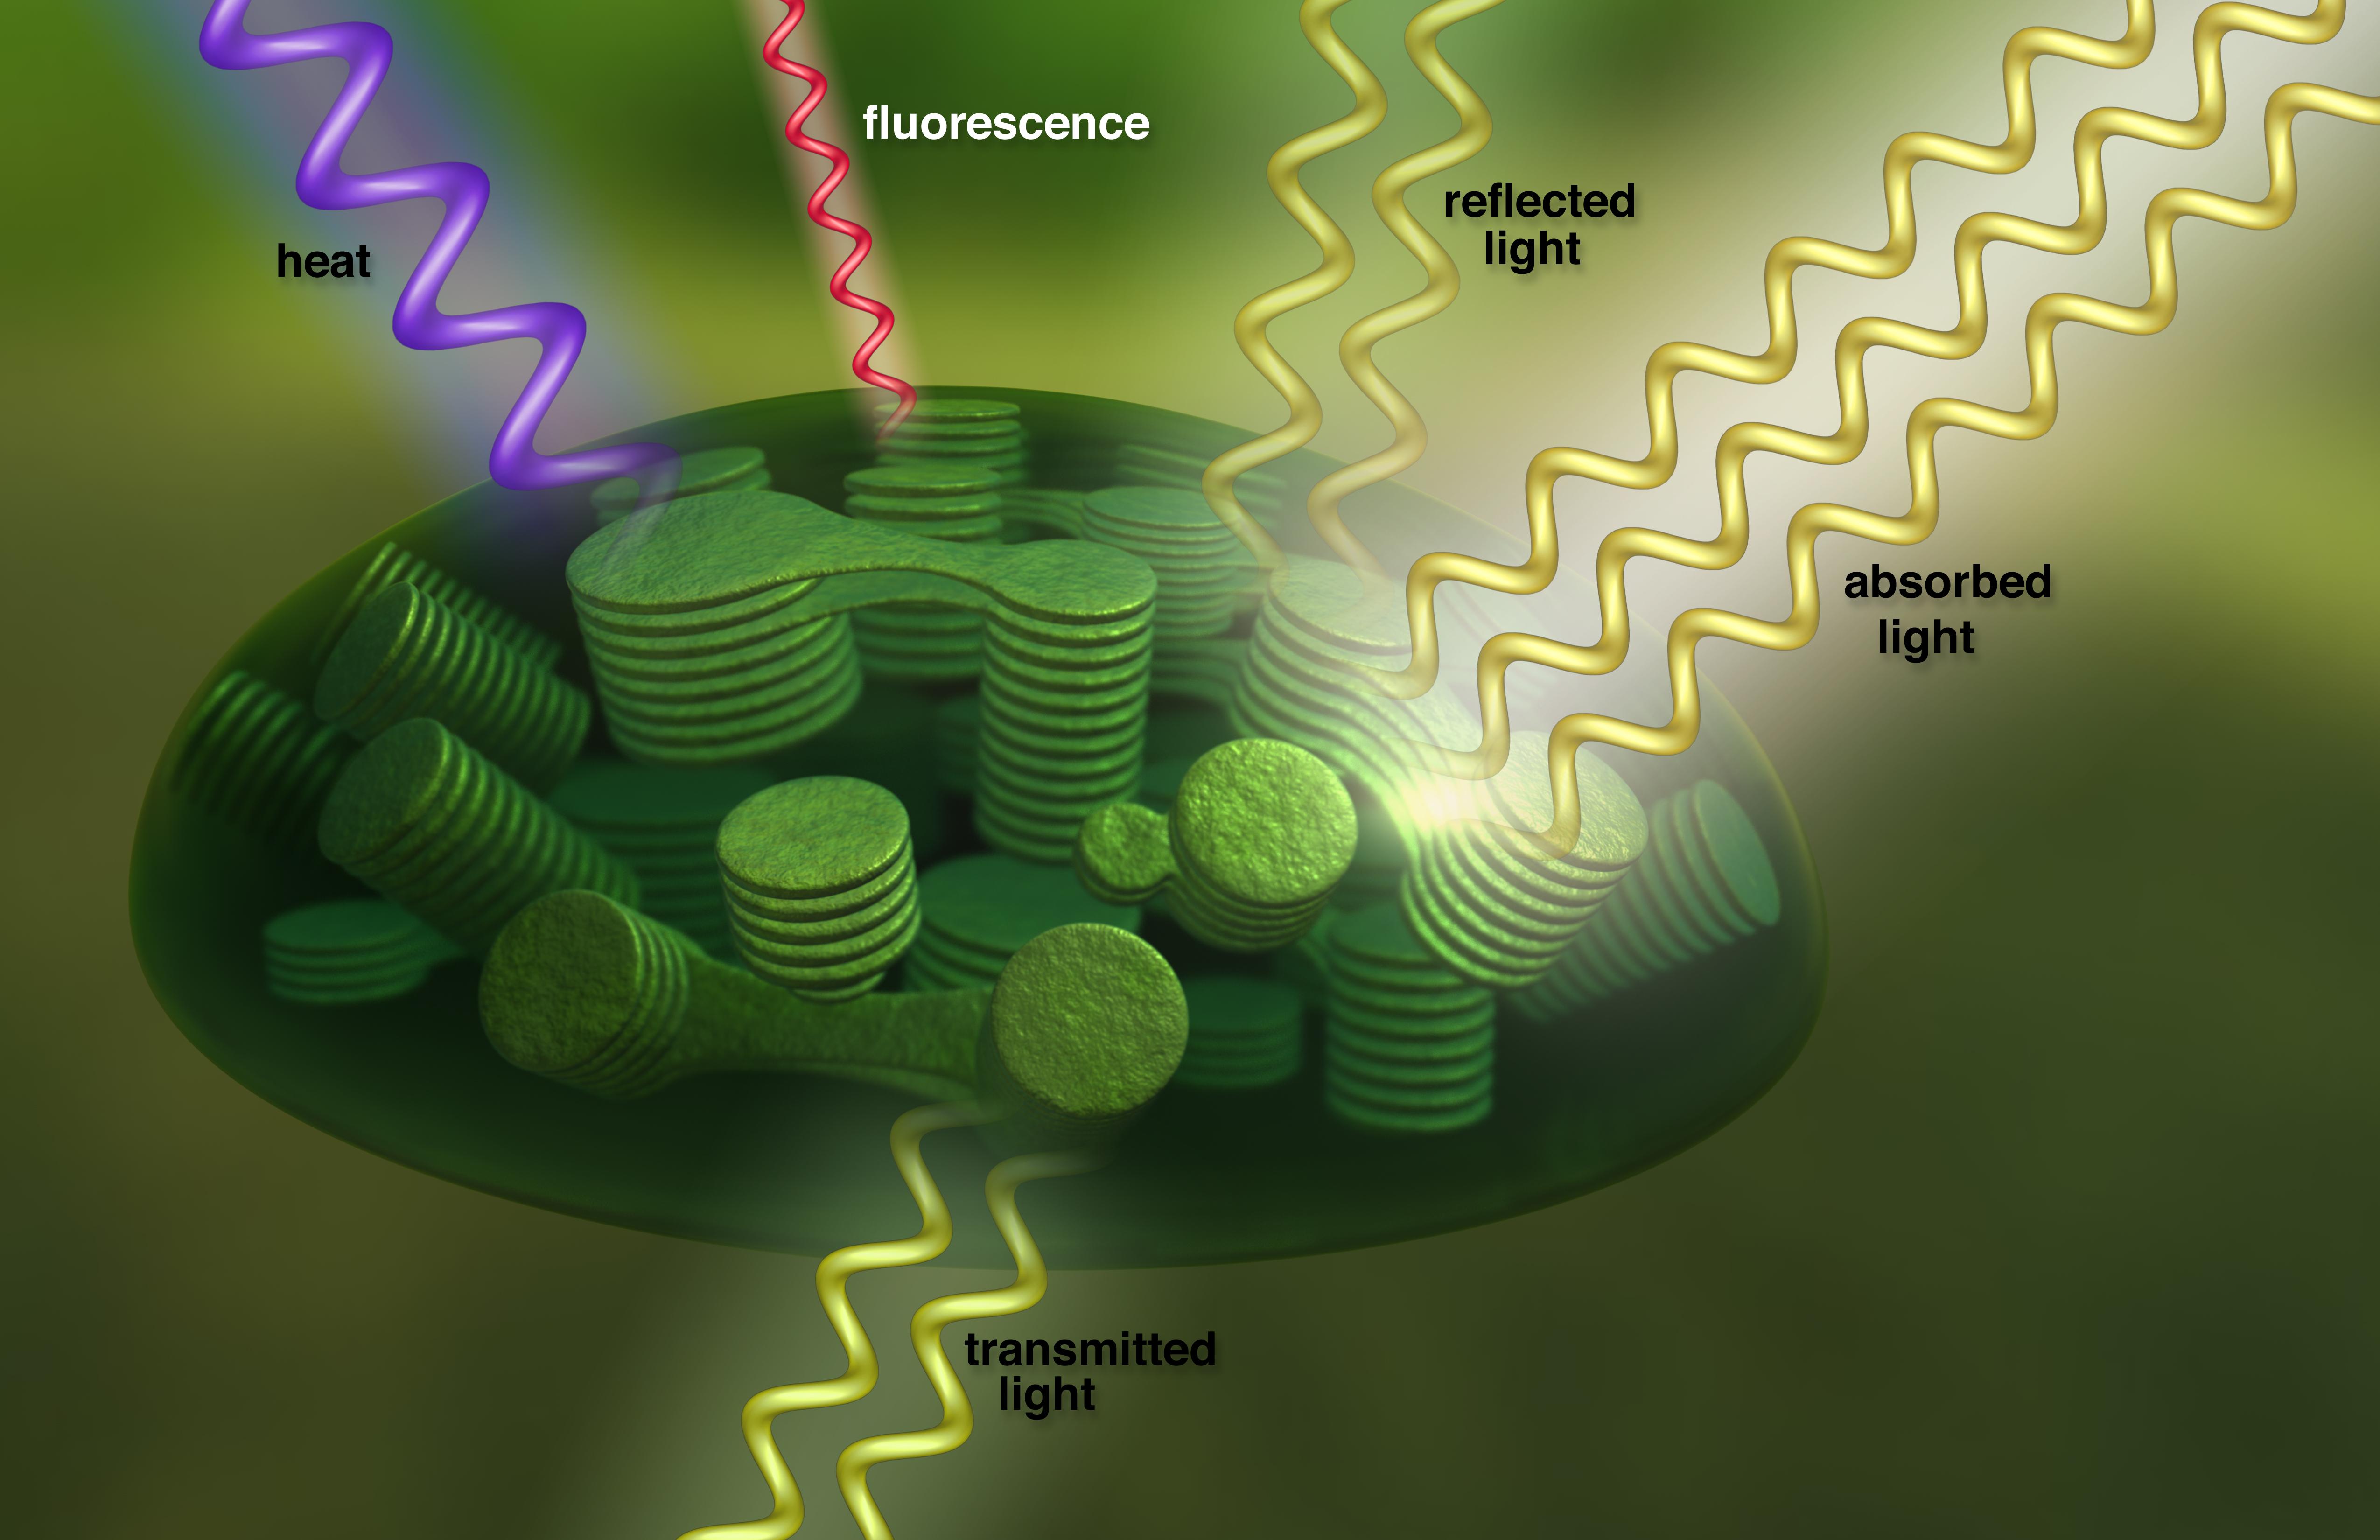 กลภายในคลอโรพลาจากเซลล์พืชแปลงแสงแดดเป็นพลังงานเปล่งแสงเรืองแสงในกระบวนการ นักวิทยาศาสตร์สามารถตรวจสอบลายนิ้วมือเรืองแสงในข้อมูลดาวเทียม